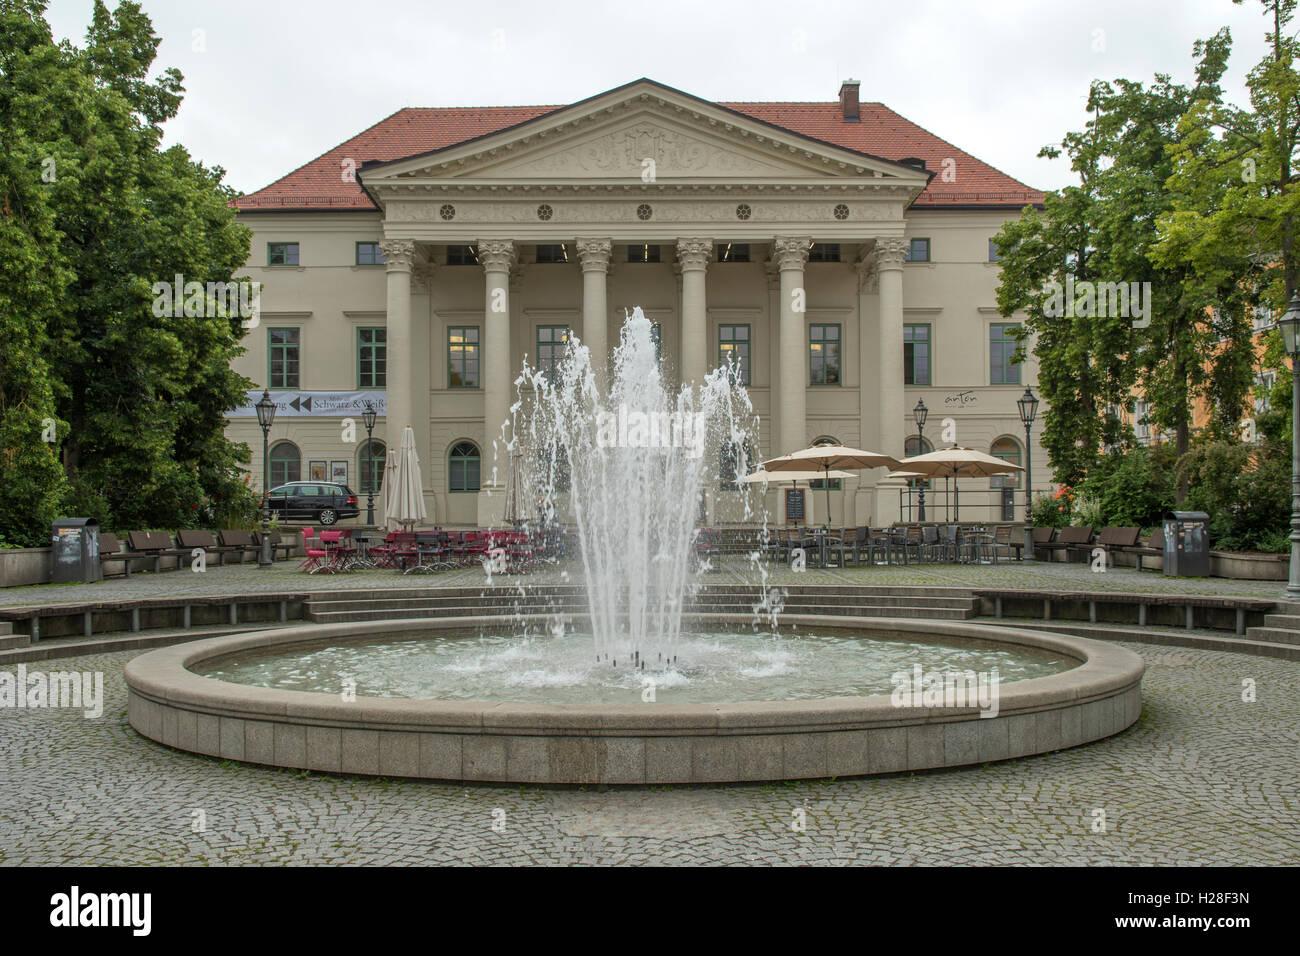 Haus der Musik, Regensburg, Bayern, Deutschland Stockbild